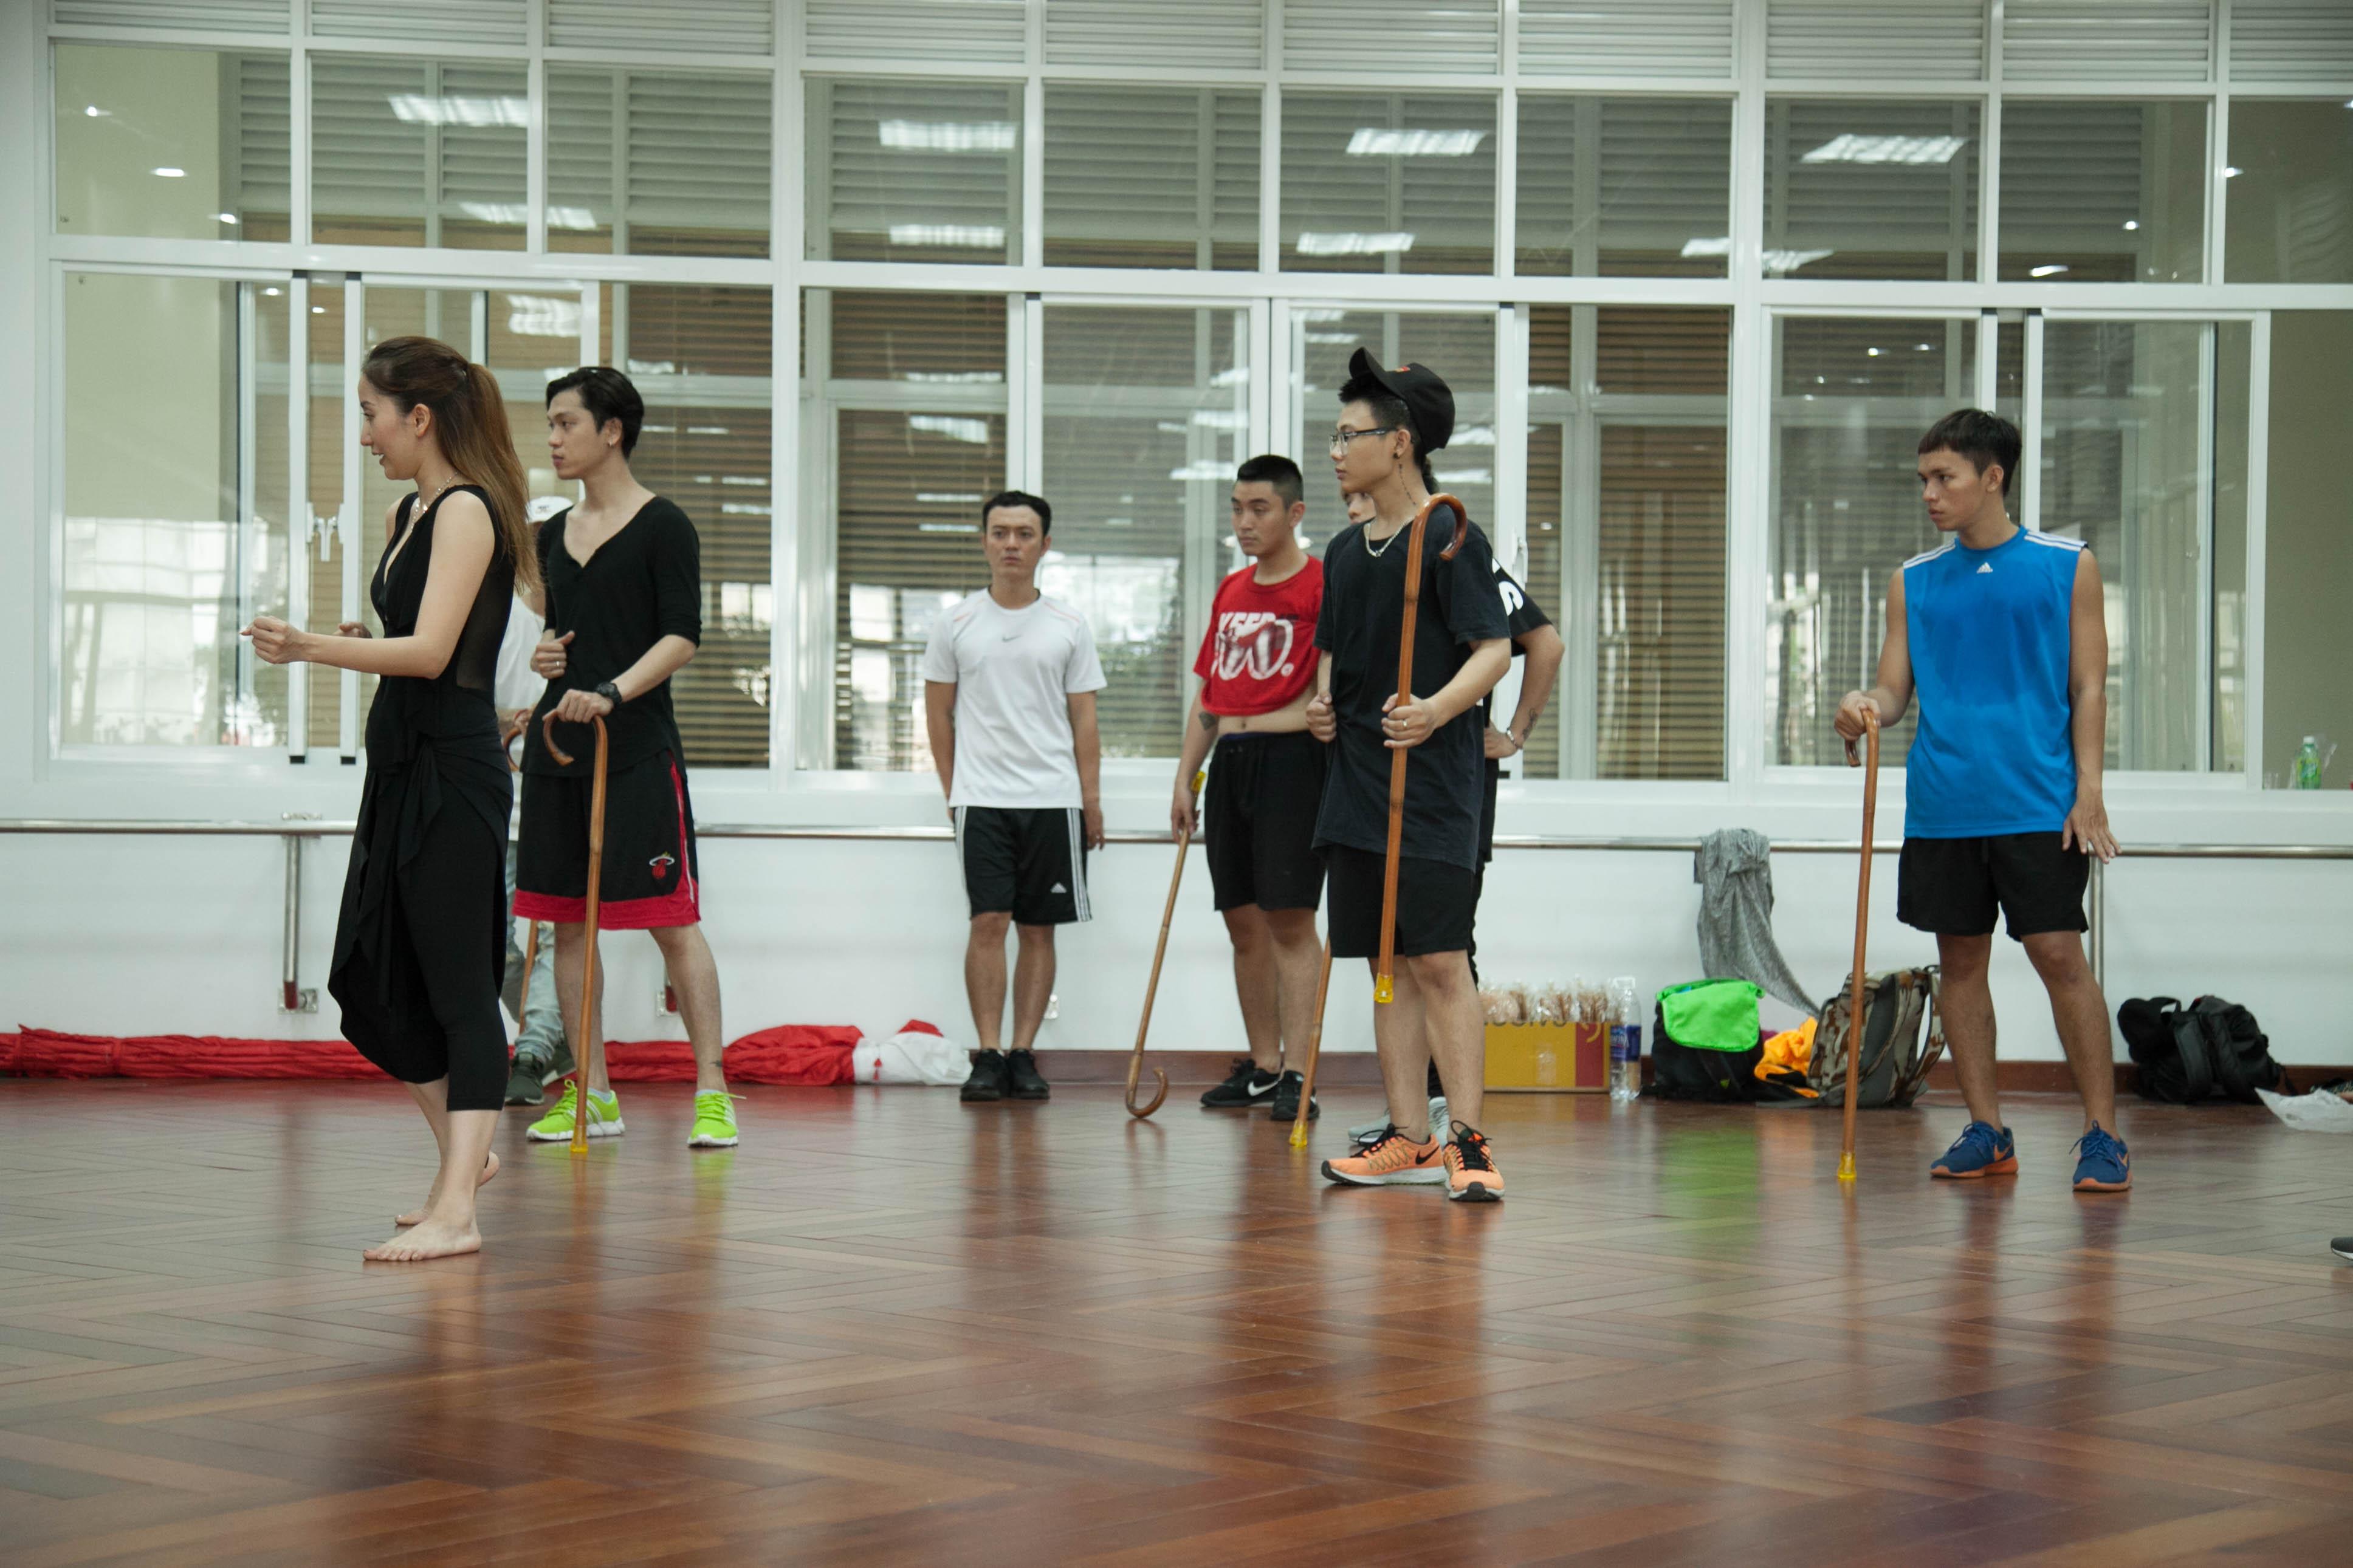 Khánh Thi và John Huy Trần xung đột nảy lửa trong quá trình tập luyện cho liveshow - Ảnh 6.